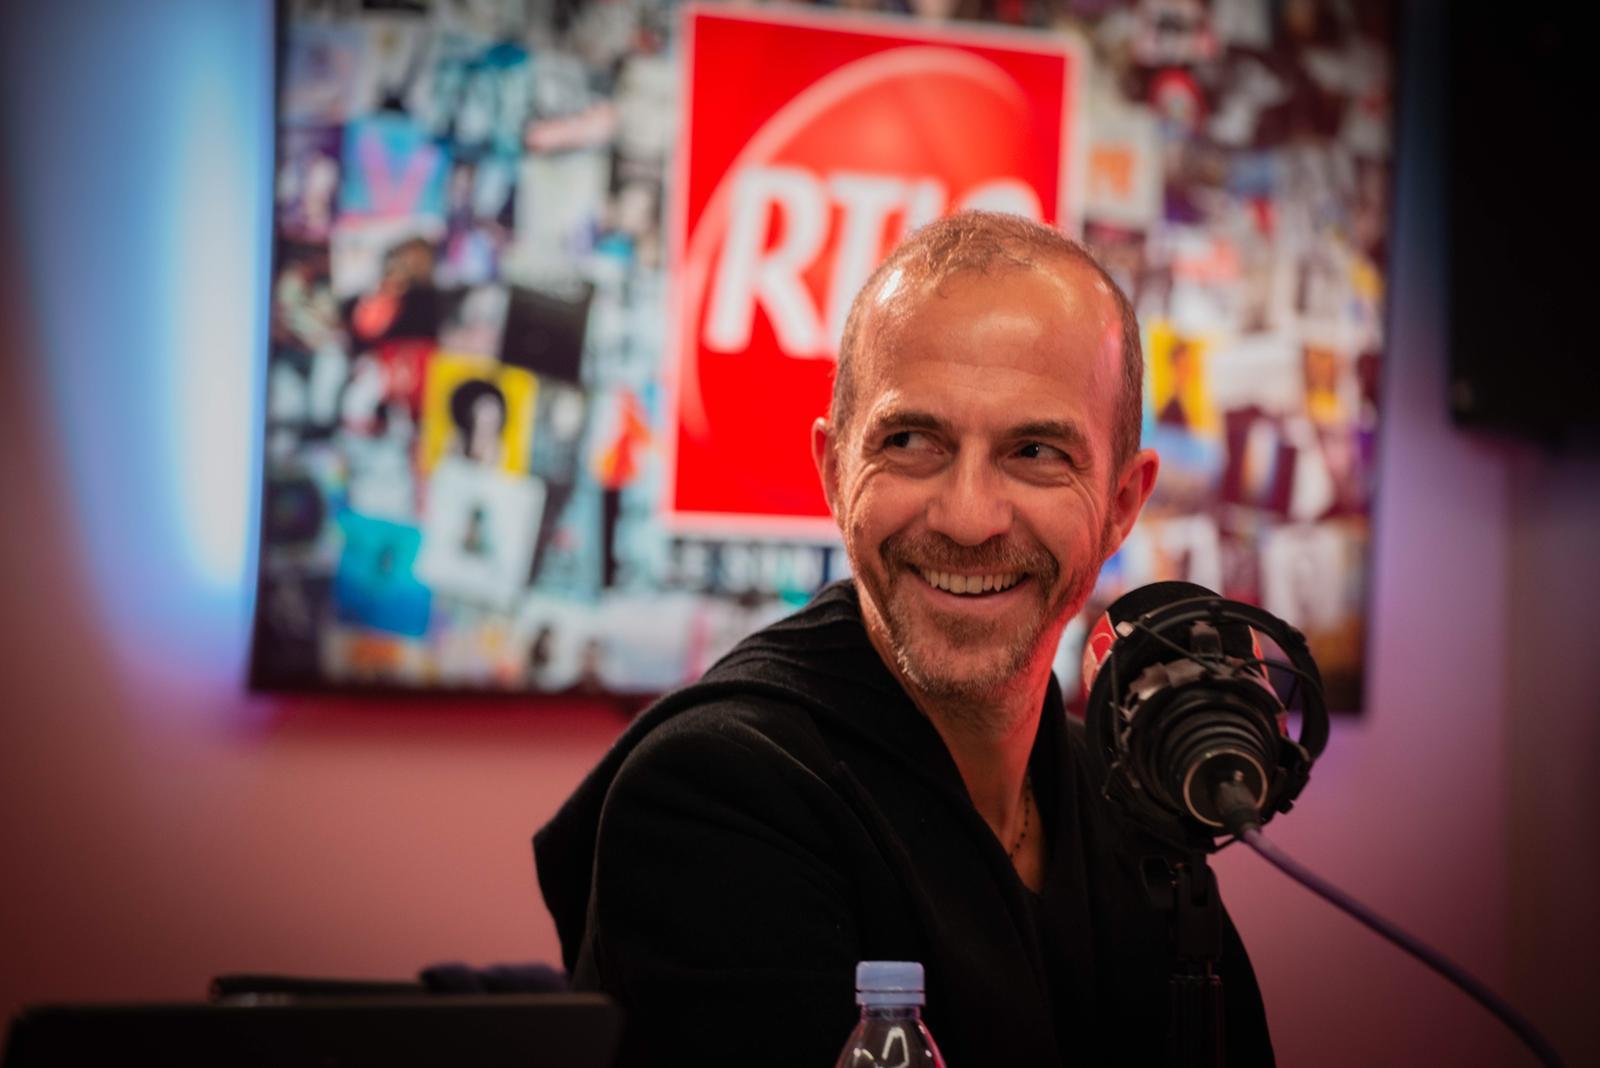 Calogero dans les studios de RTL2